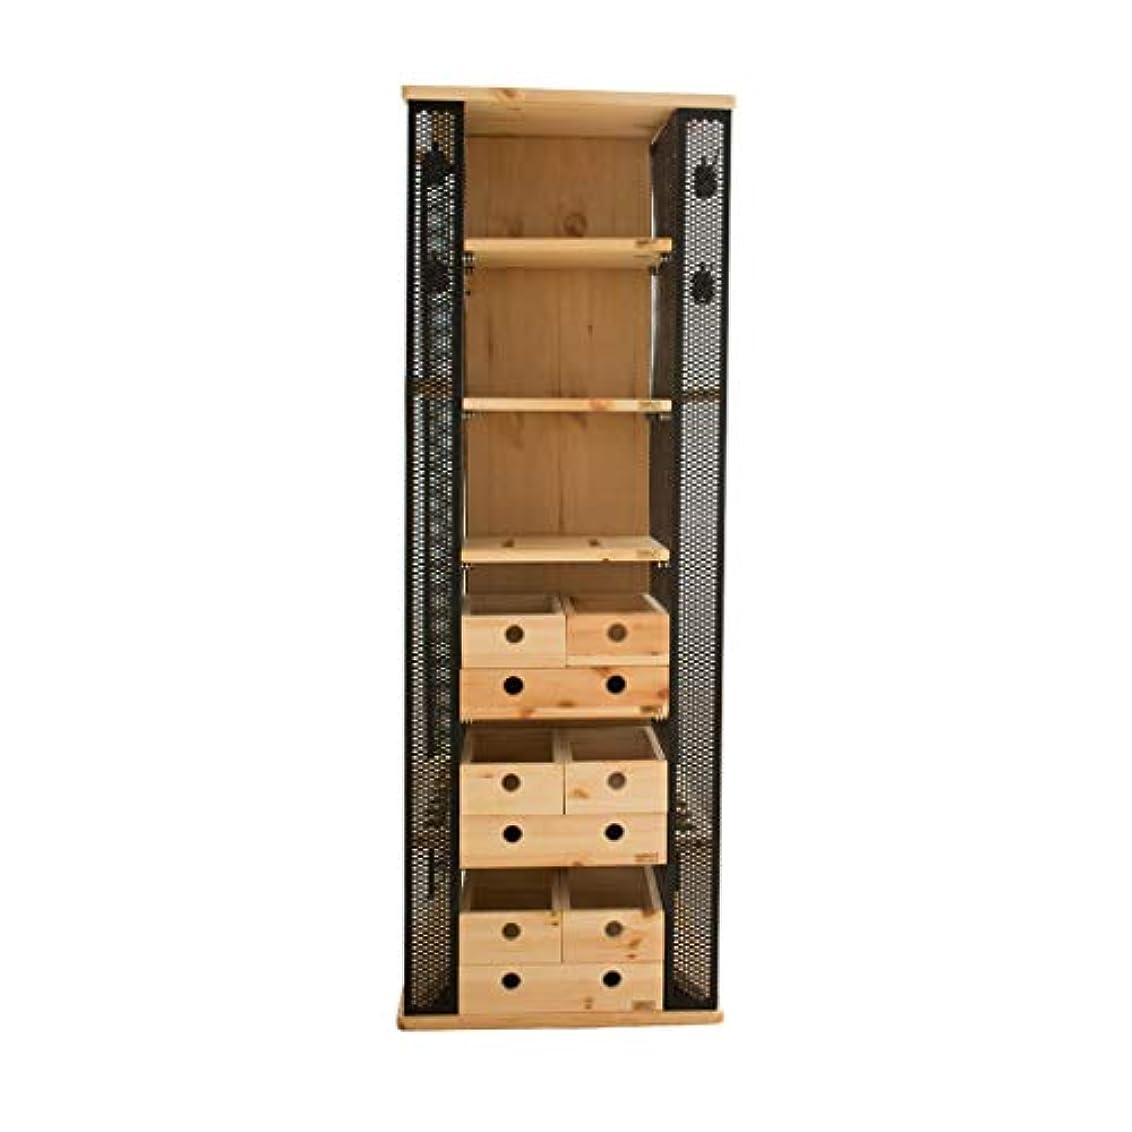 画面変装いつでも14釣竿多機能ディスプレイキャビネット釣竿ディスプレイラック収納ラック (Color : Wood color, Size : 42 * 45 * 122cm)